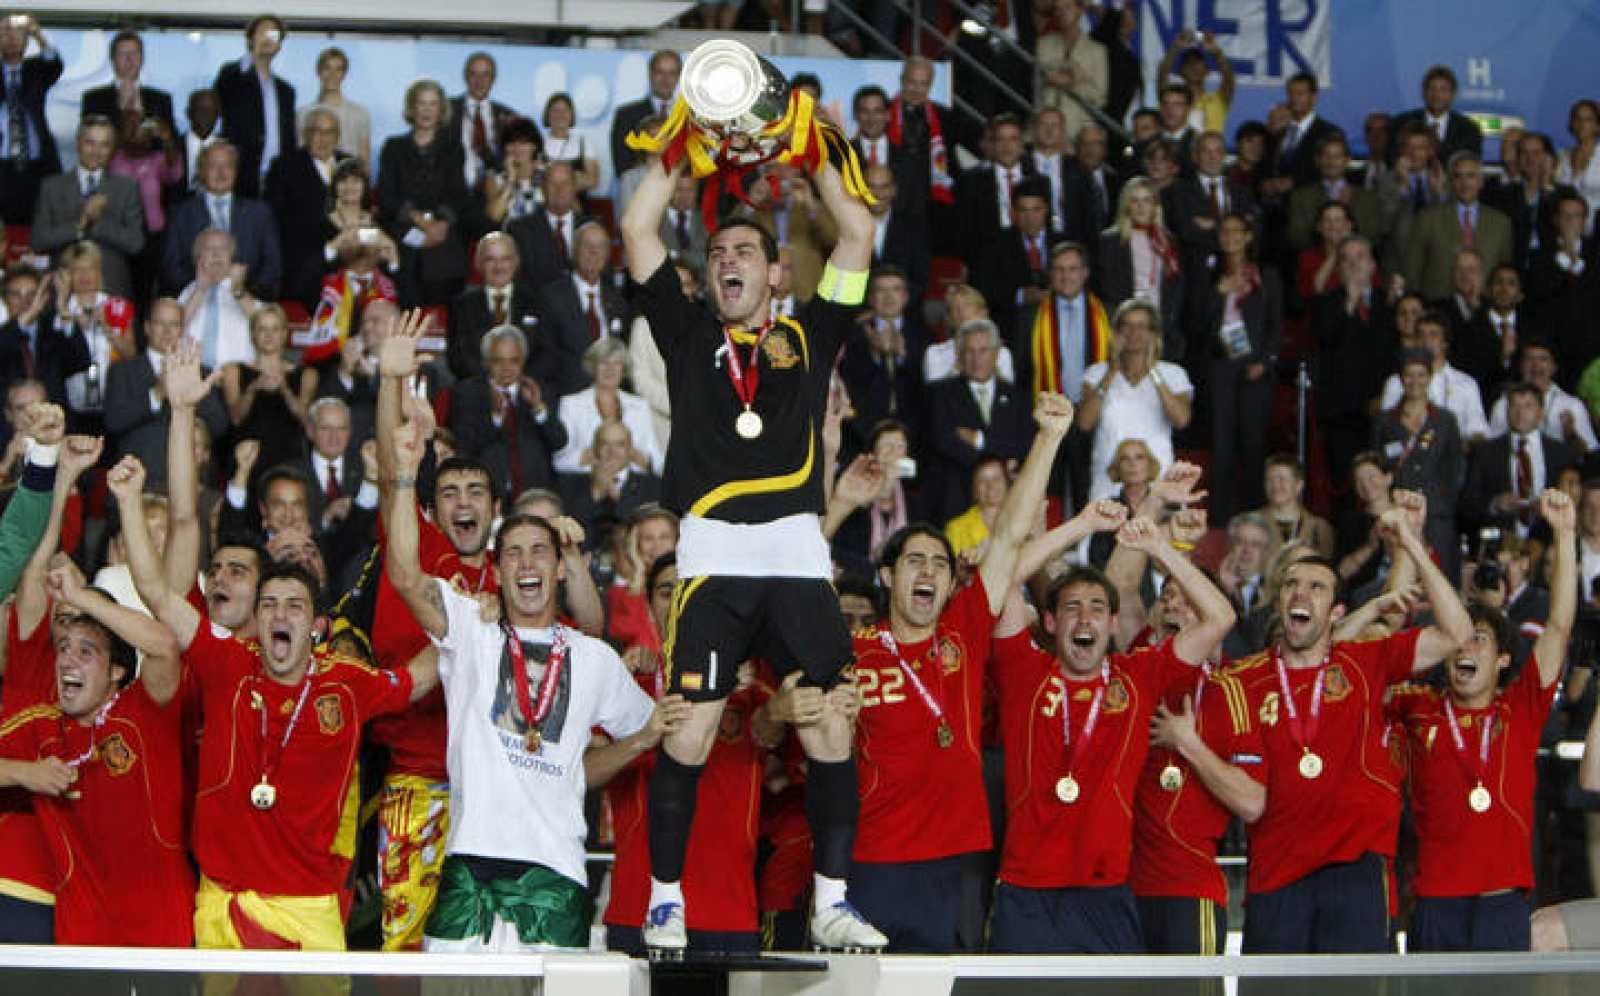 Iker Casillas levanta el trofeo de la Eurocopa 2008 ante sus compañeros de equipo.